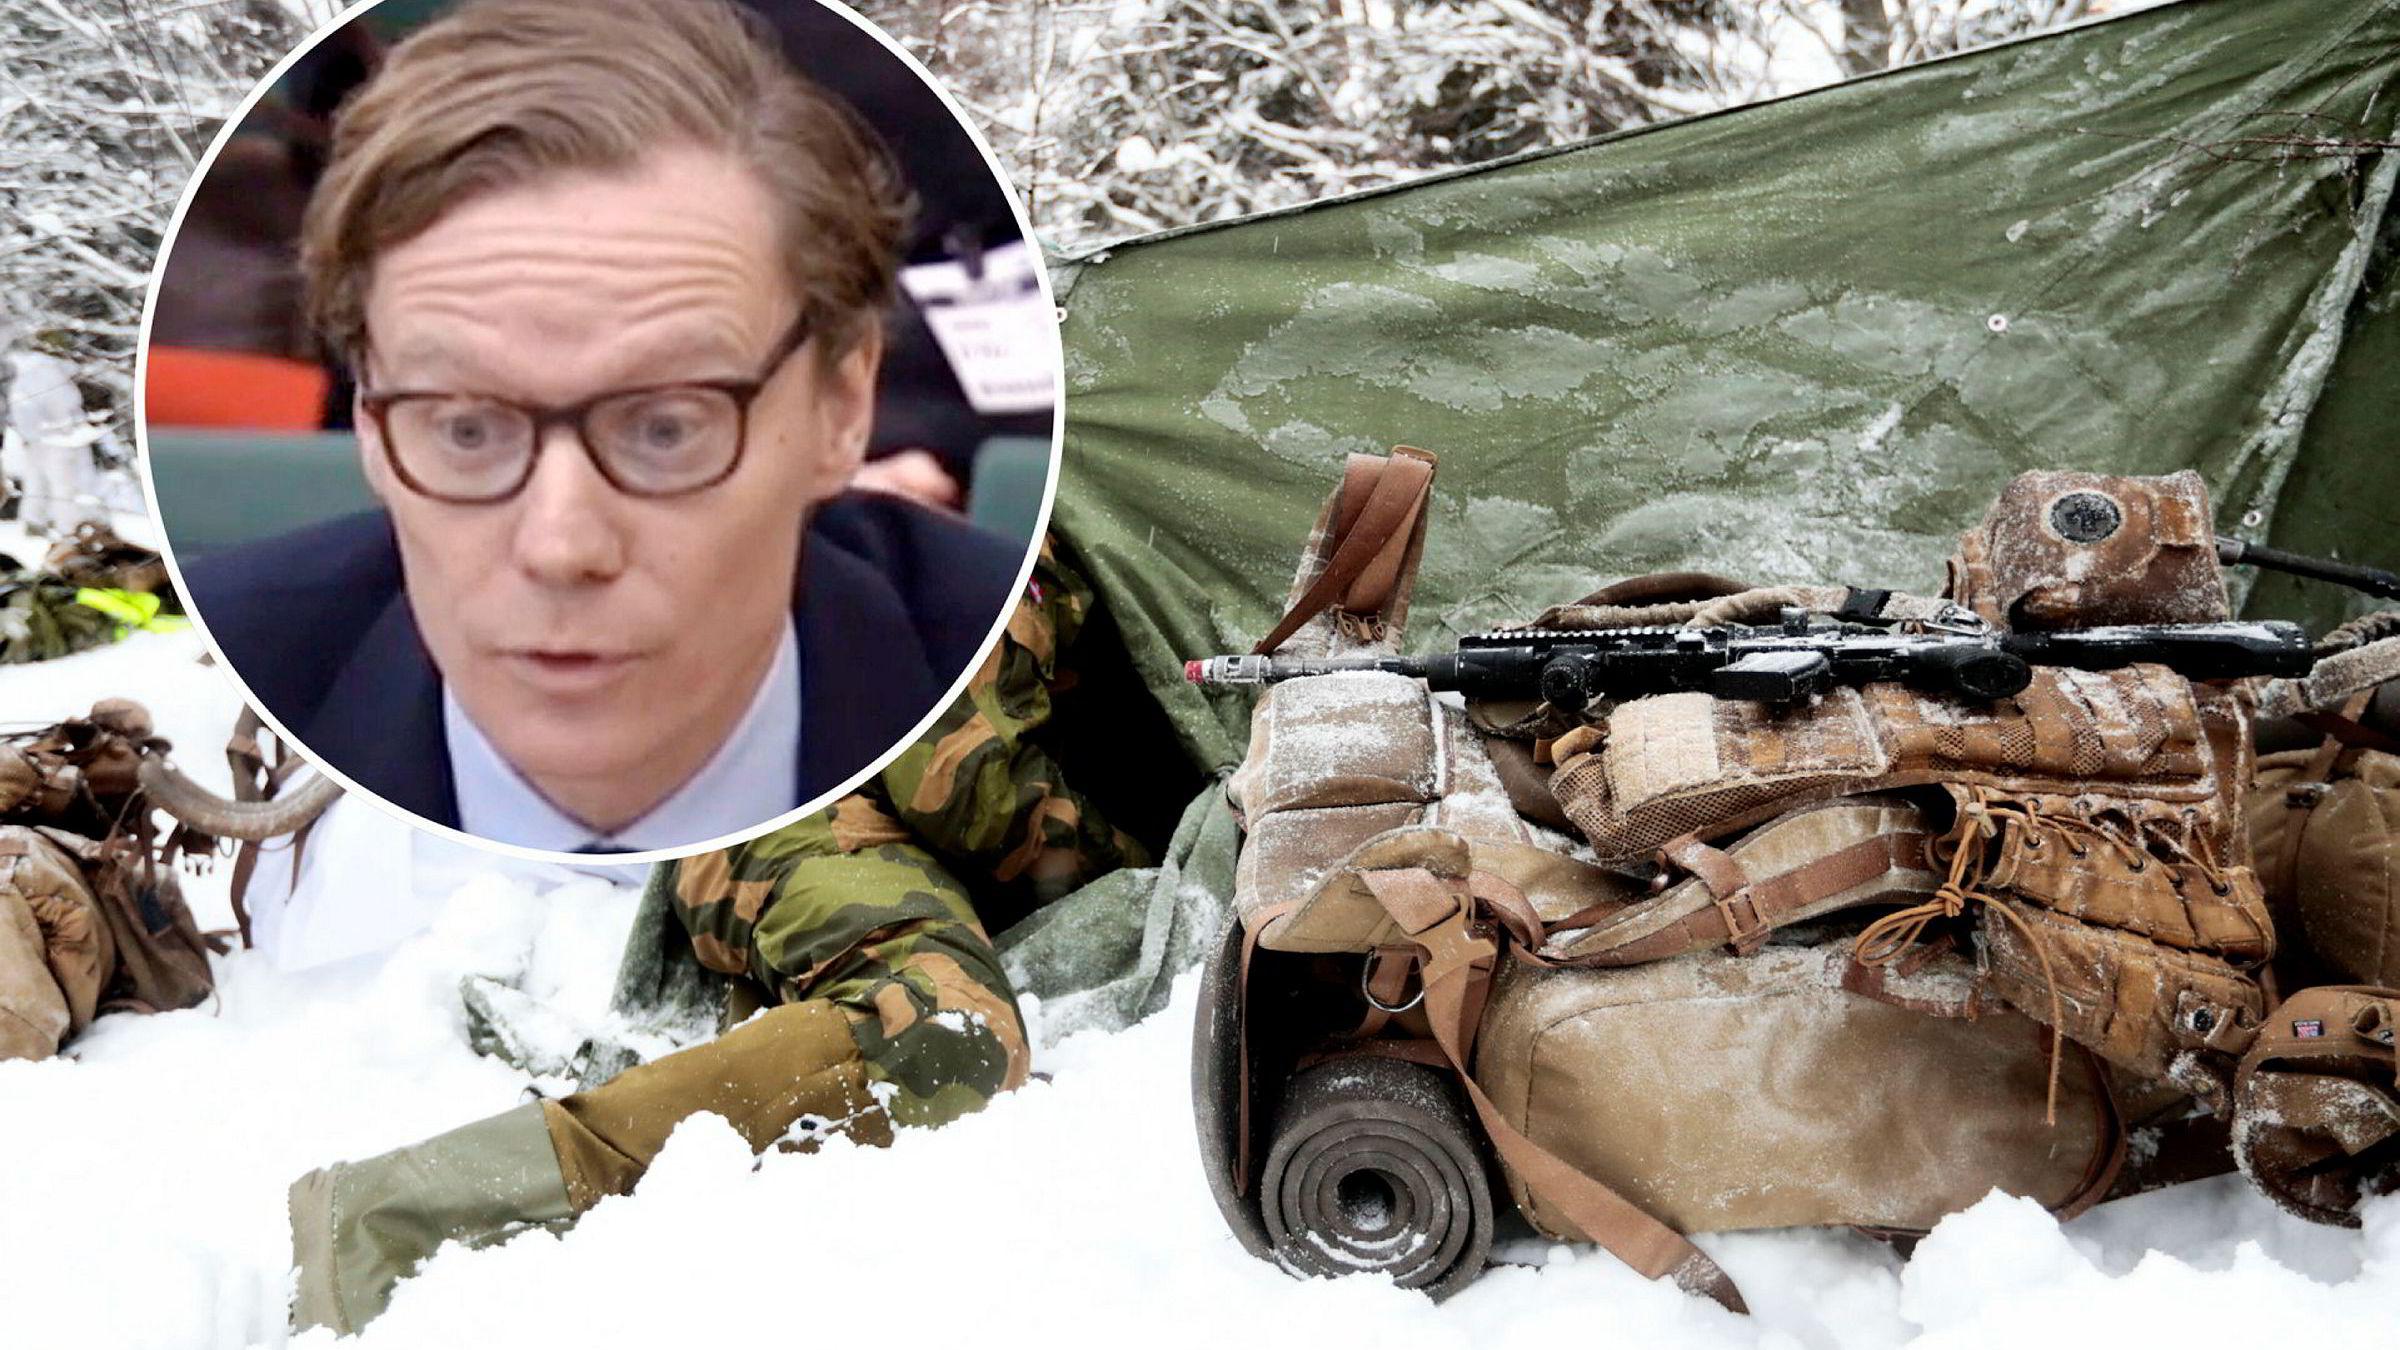 Cambridge Analyticas toppsjef Alexander Nix (innfelt) bekreftet avtalen med det norske Forsvaret i fjor og at dette var en del av SCLs selskaper.